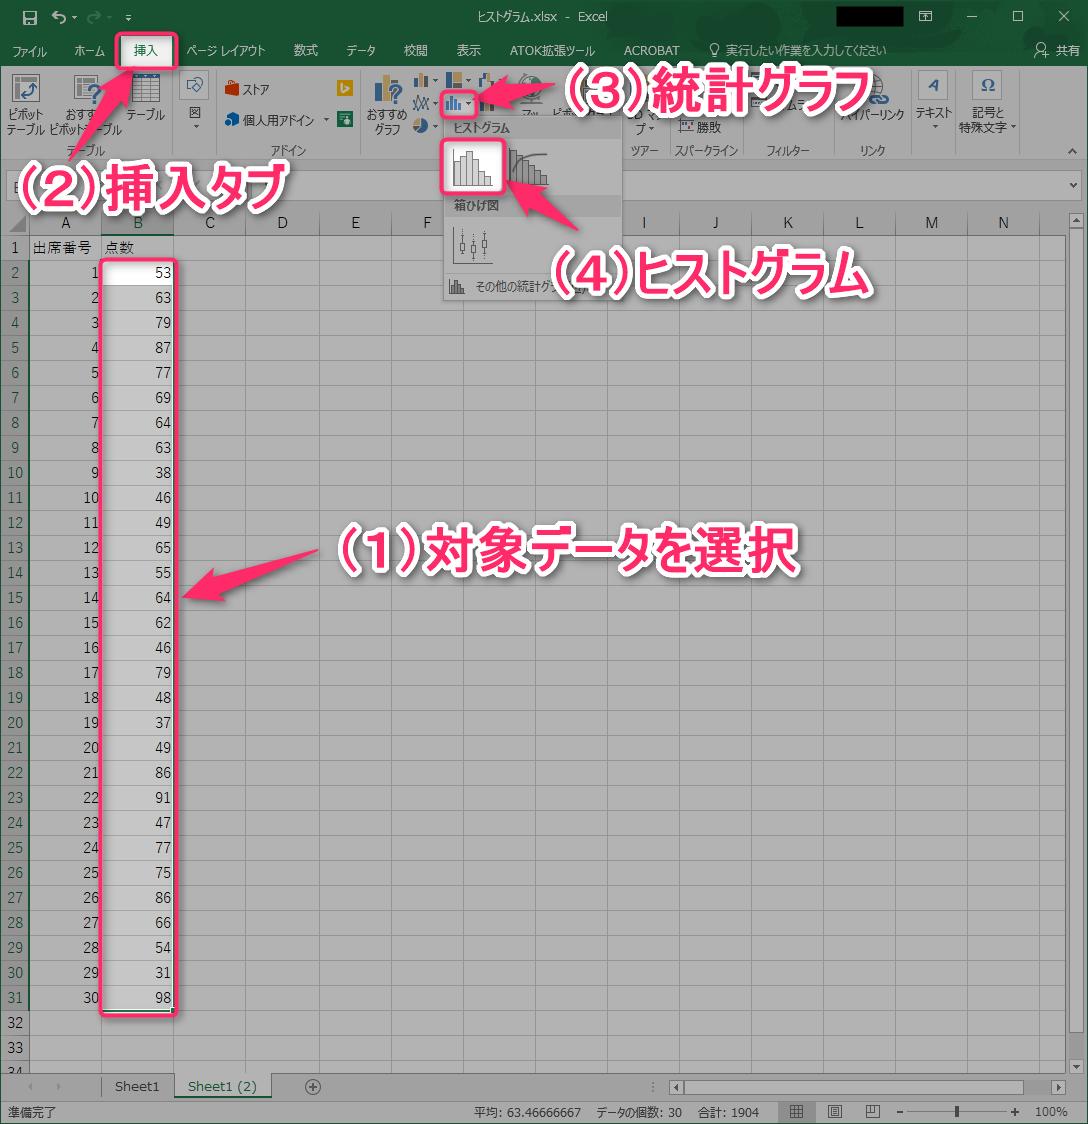 Excelでヒストグラムを作る最新の方法(Excel 2016~)